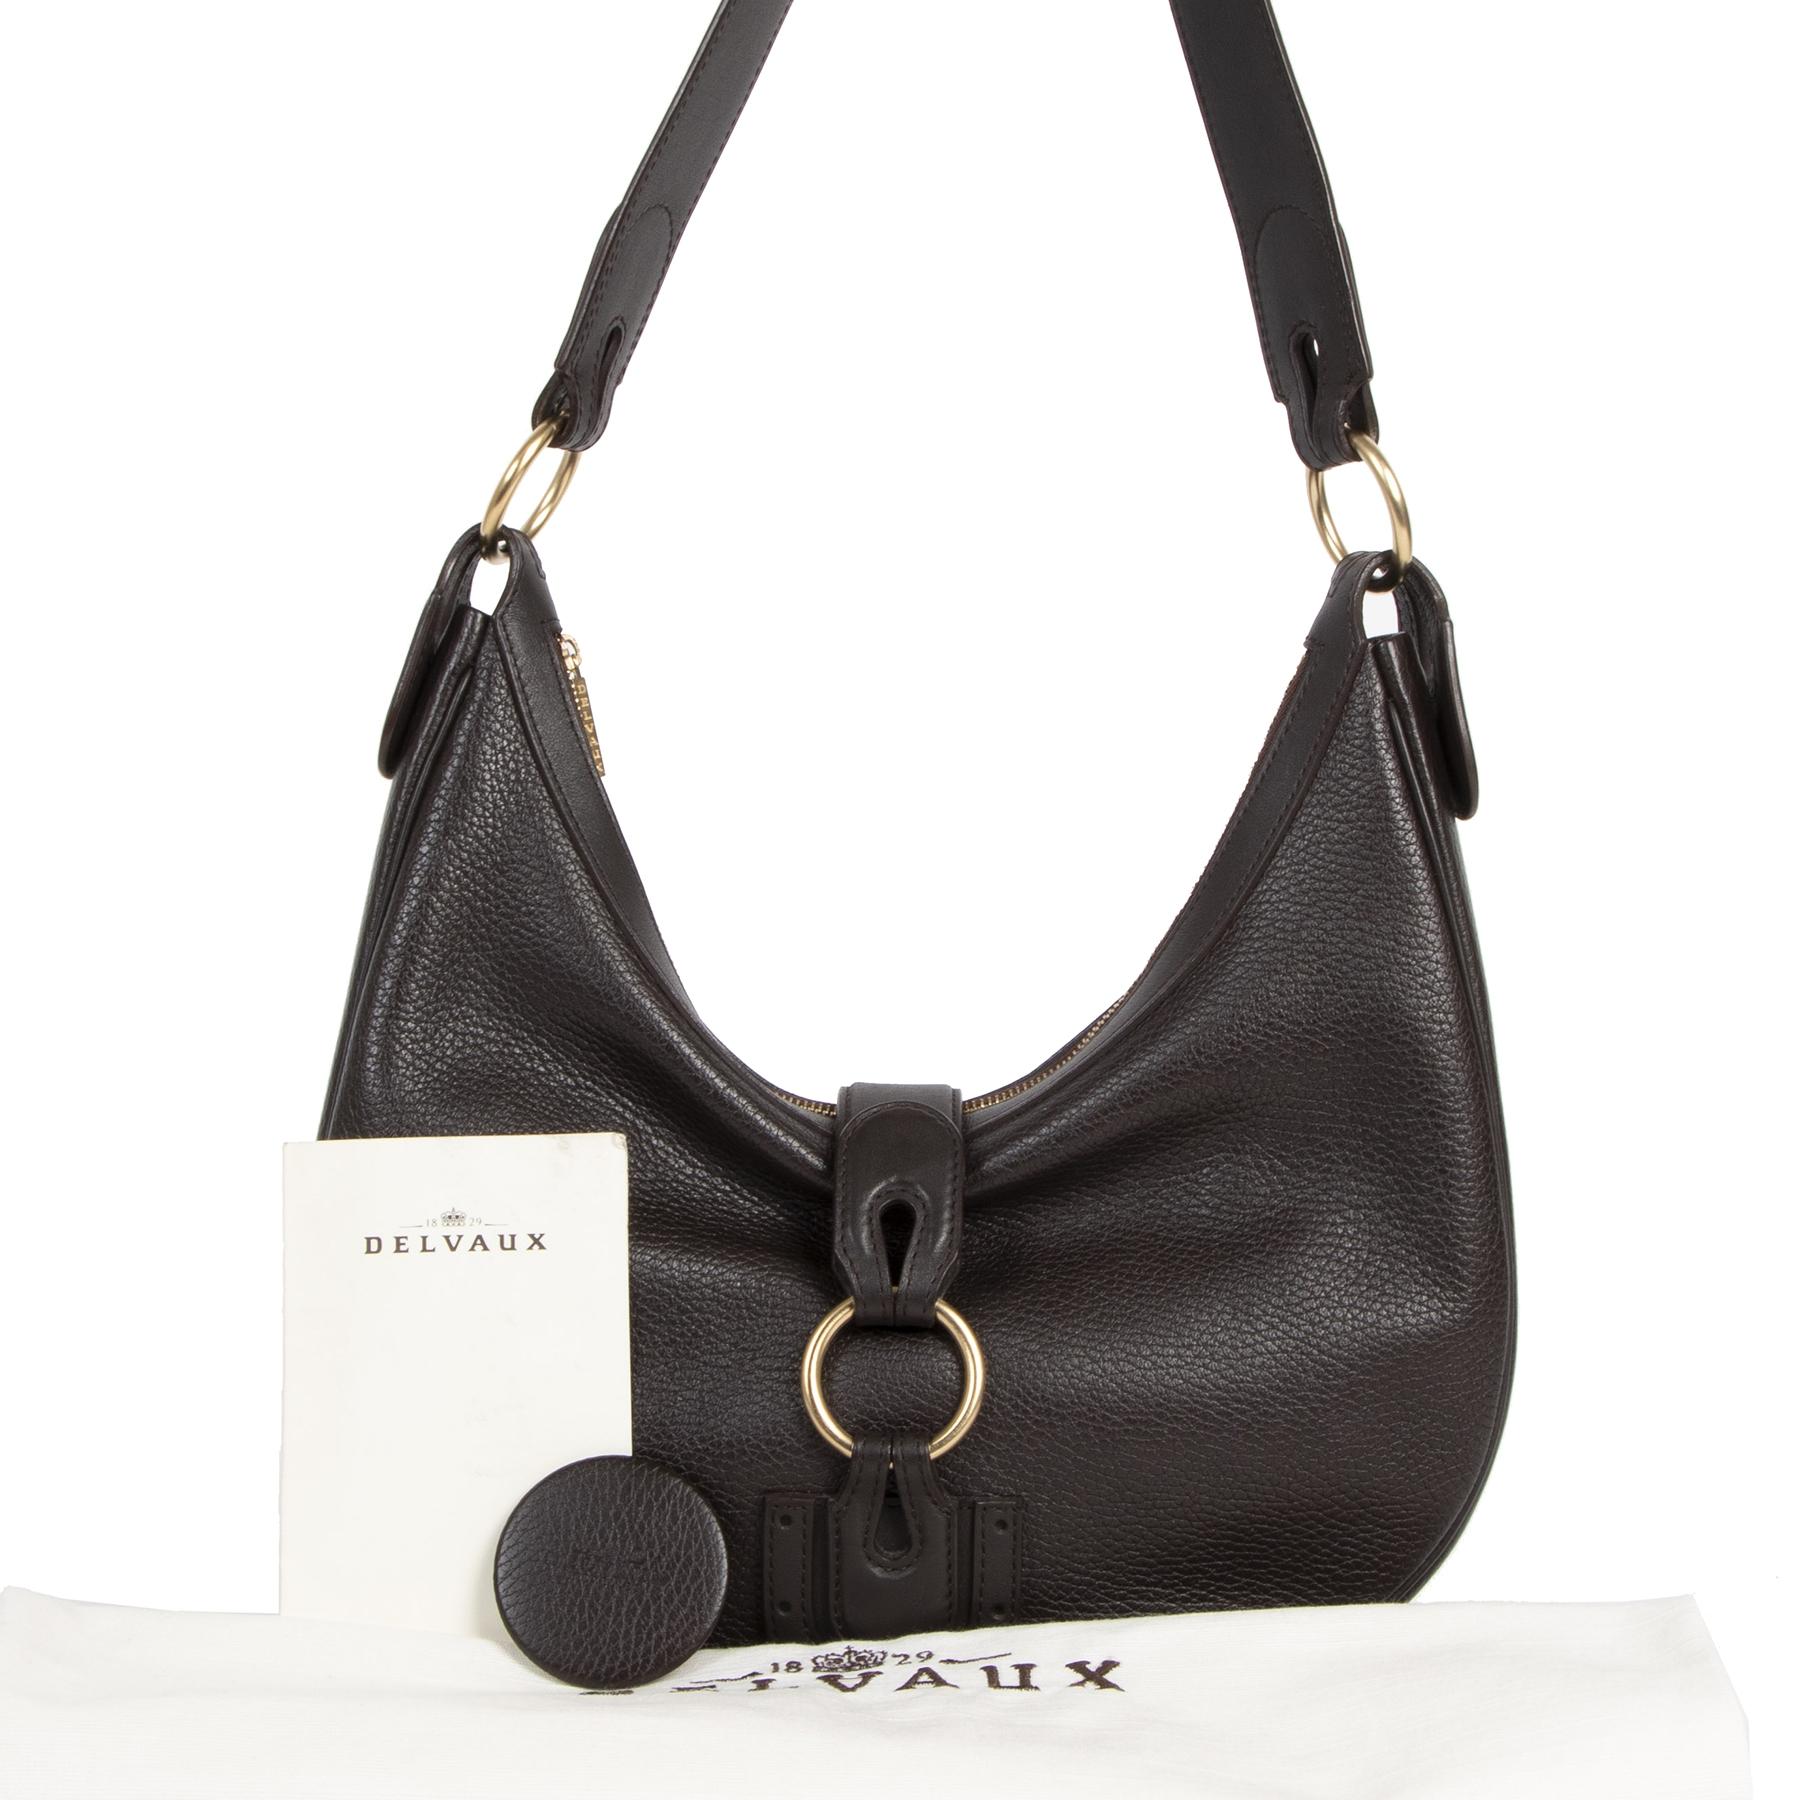 Authentieke Tweedehands Delvaux Dark Brown Leather Camille Pm Shoulder Bag juiste prijs veilig online shoppen luxe merken webshop